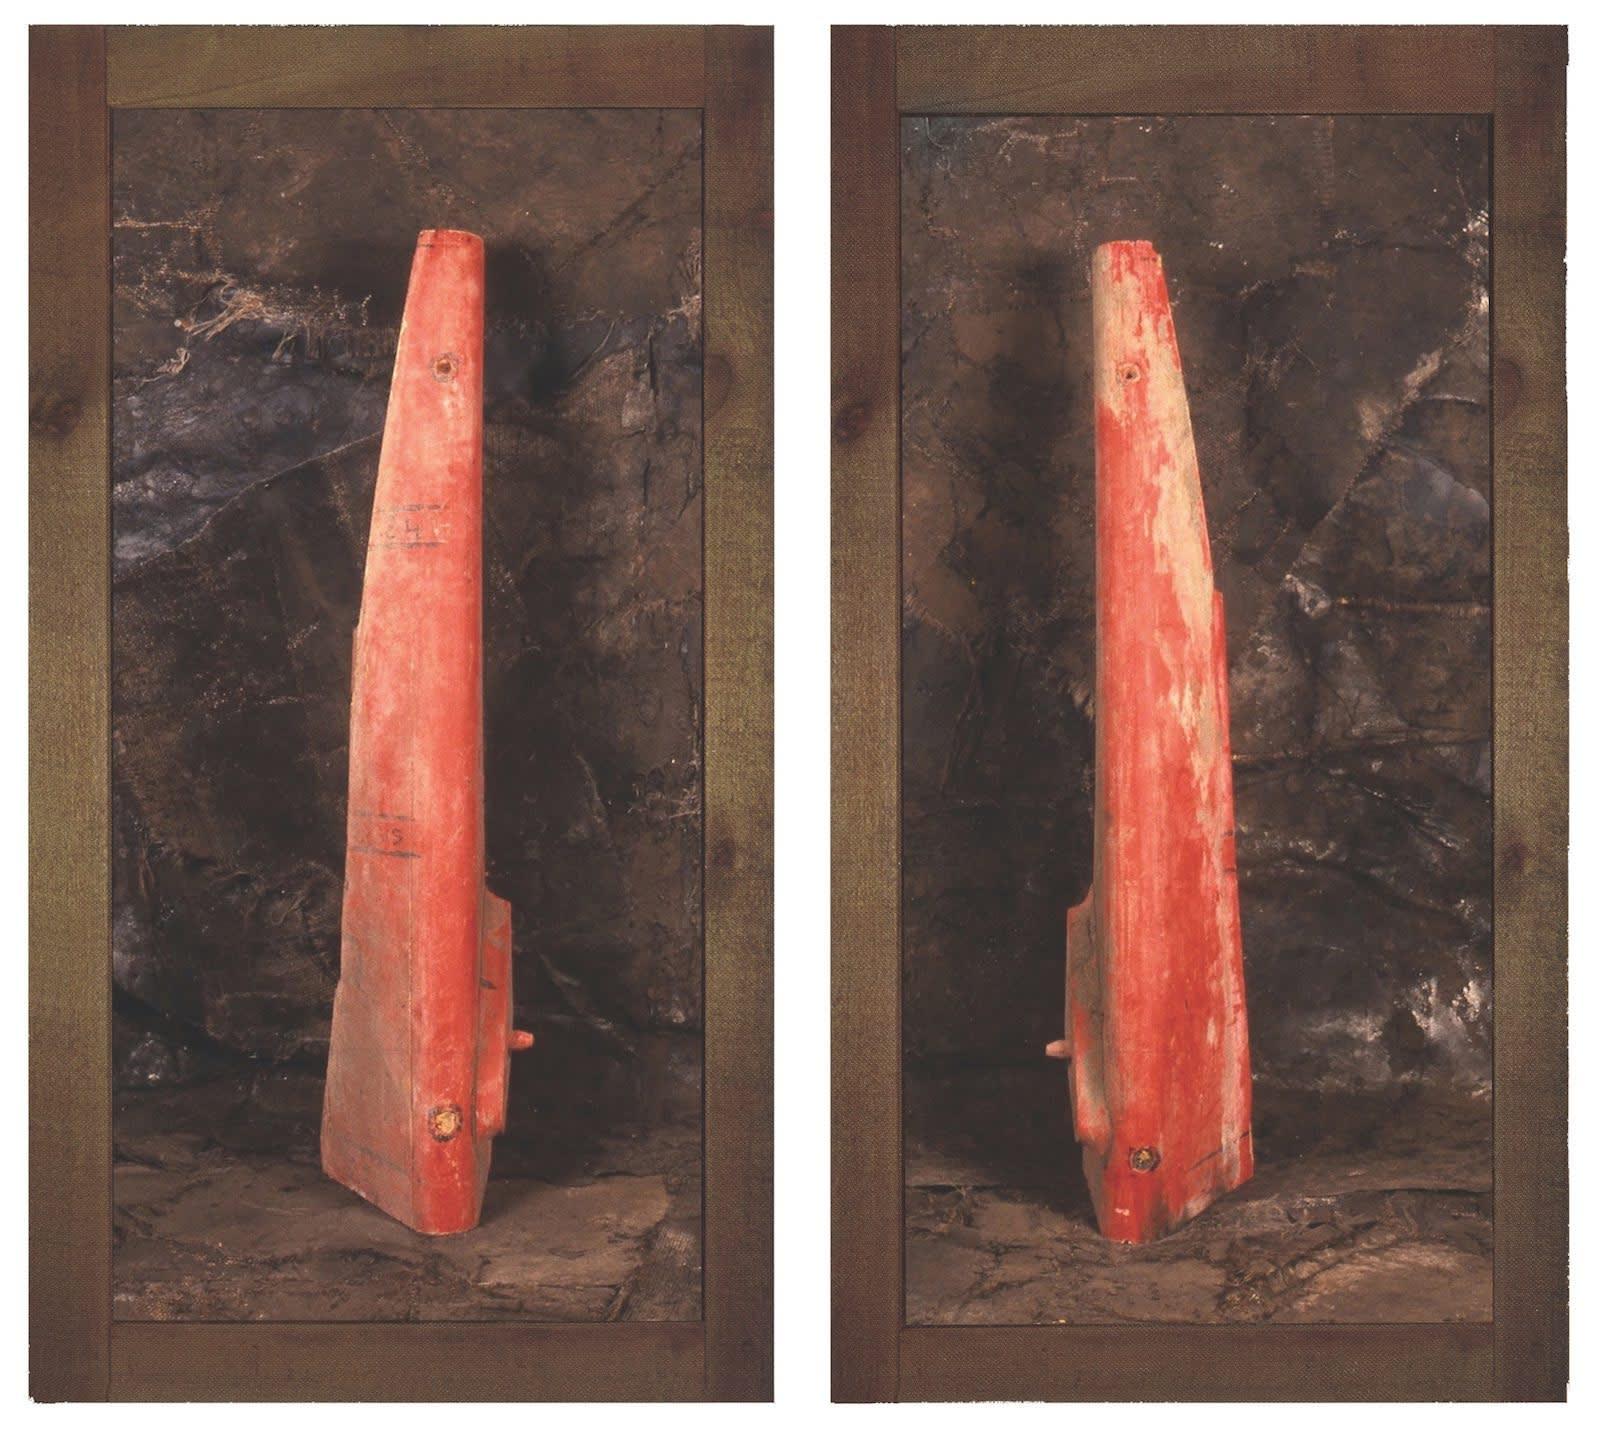 Pascal Kern, Sculpture, 1988